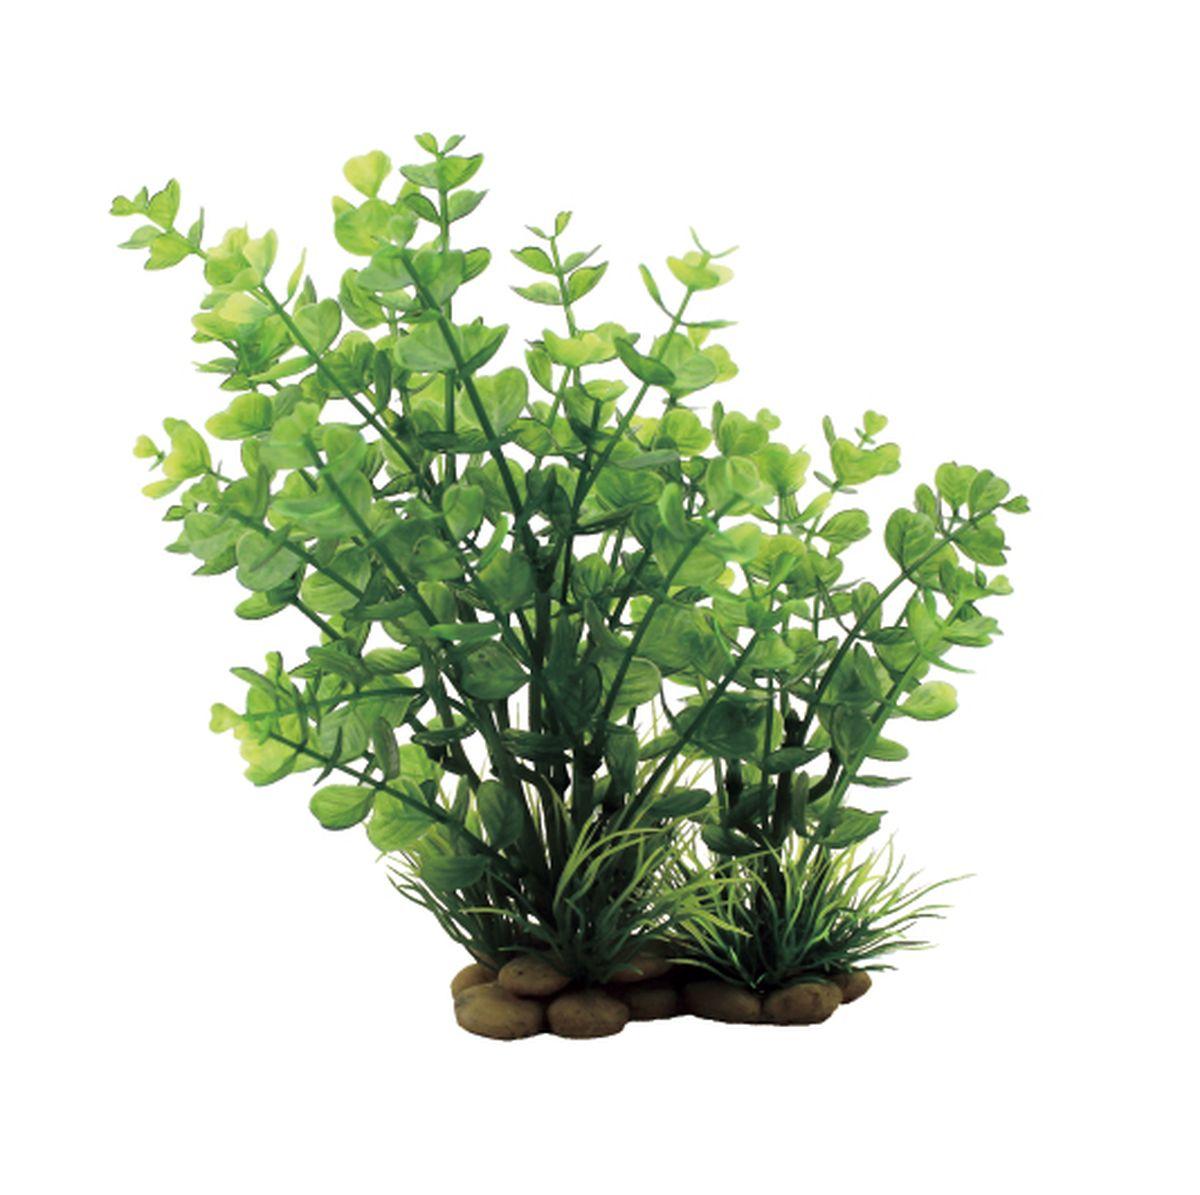 Растение для аквариума ArtUniq Бакопа красно-зеленая, высота 20 смART-1150308Растение для аквариума ArtUniq Бакопа красно-зеленая, высота 20 см